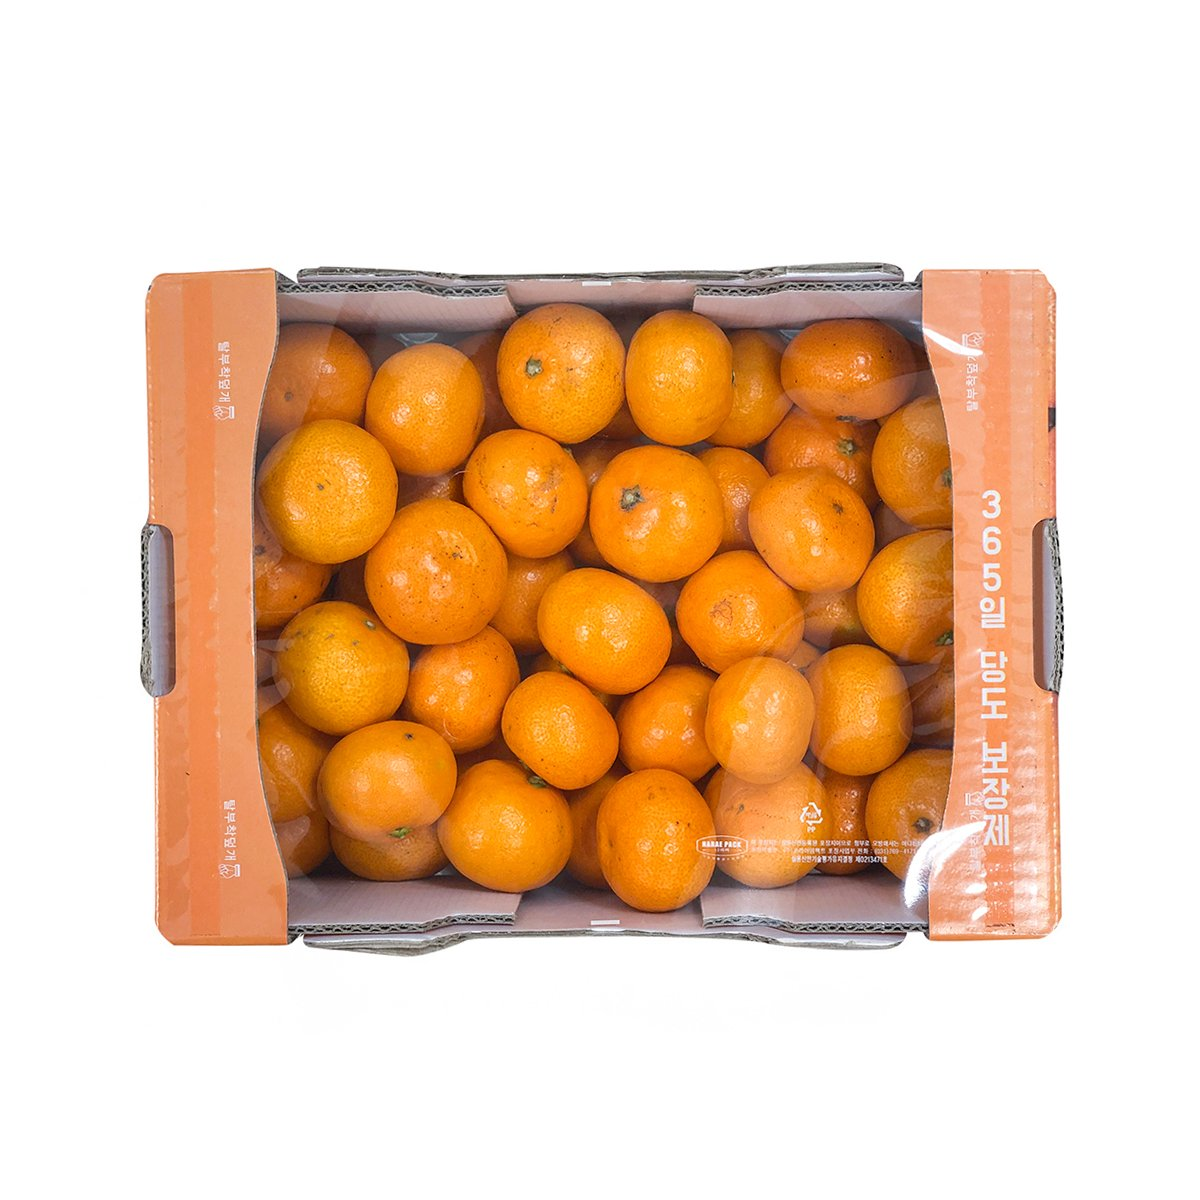 [국내산] 새콤달콤 당도선별 감귤 3kg/박스